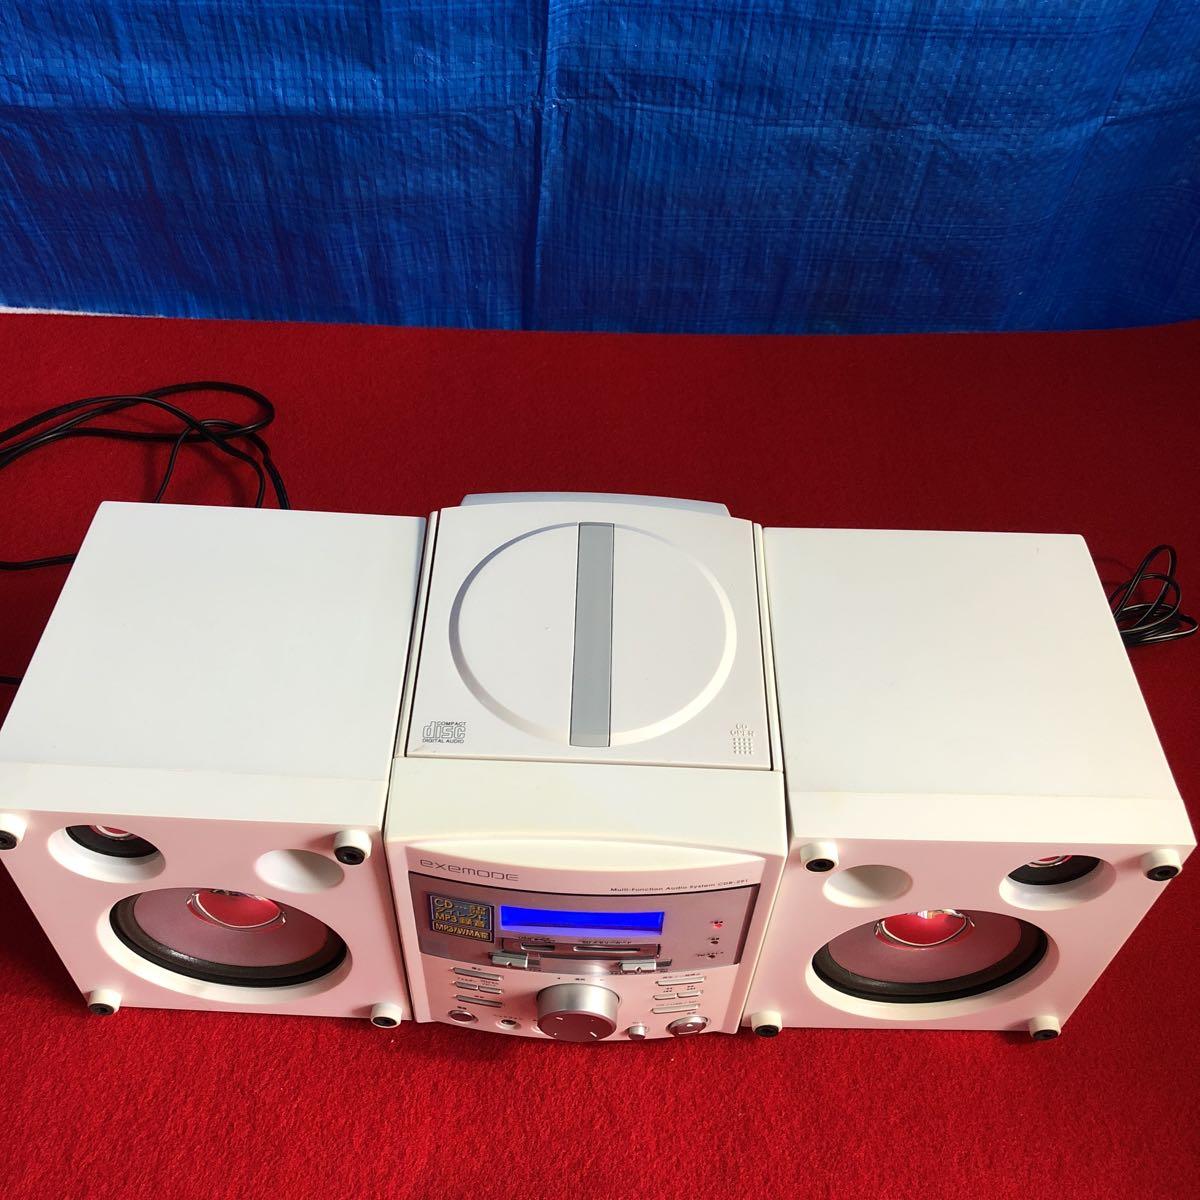 【ジャンク扱い】KEF JAPAN SD / CD ミニコンポ CDR-291 【管理番号C-13】_画像3